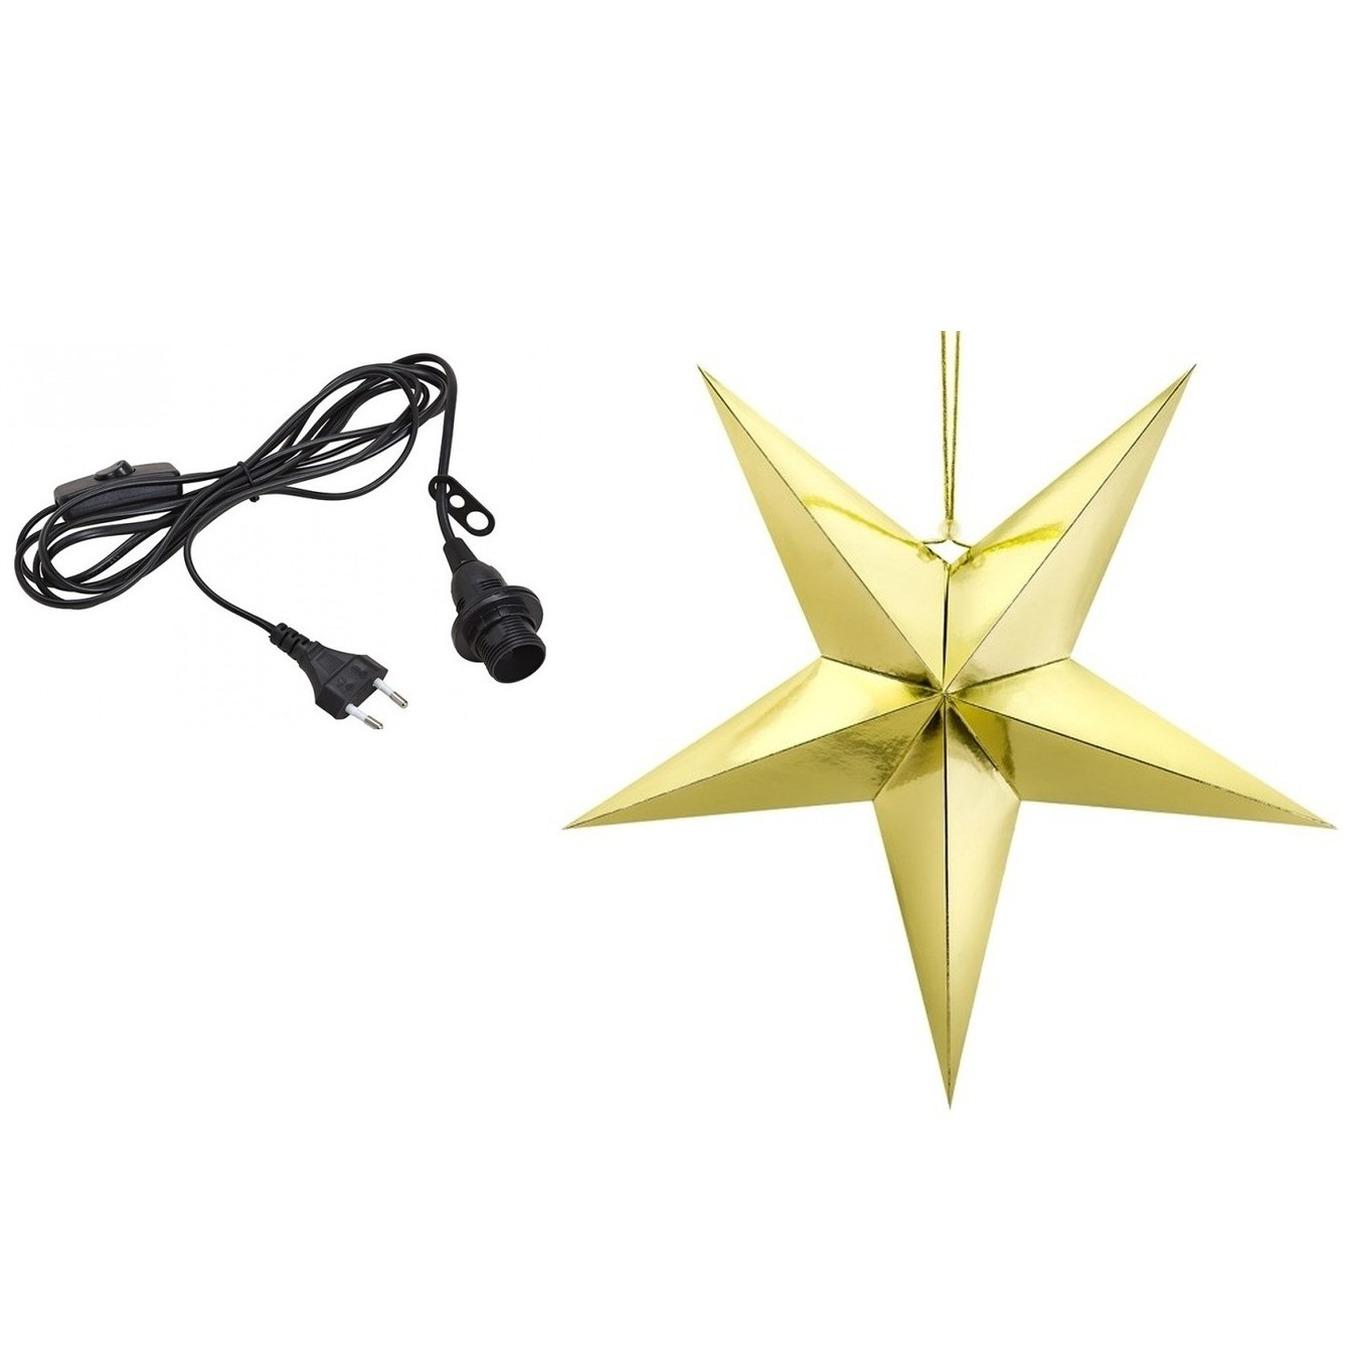 Kerstversiering gouden kerststerren 45 cm inclusief zwarte lichtkabel